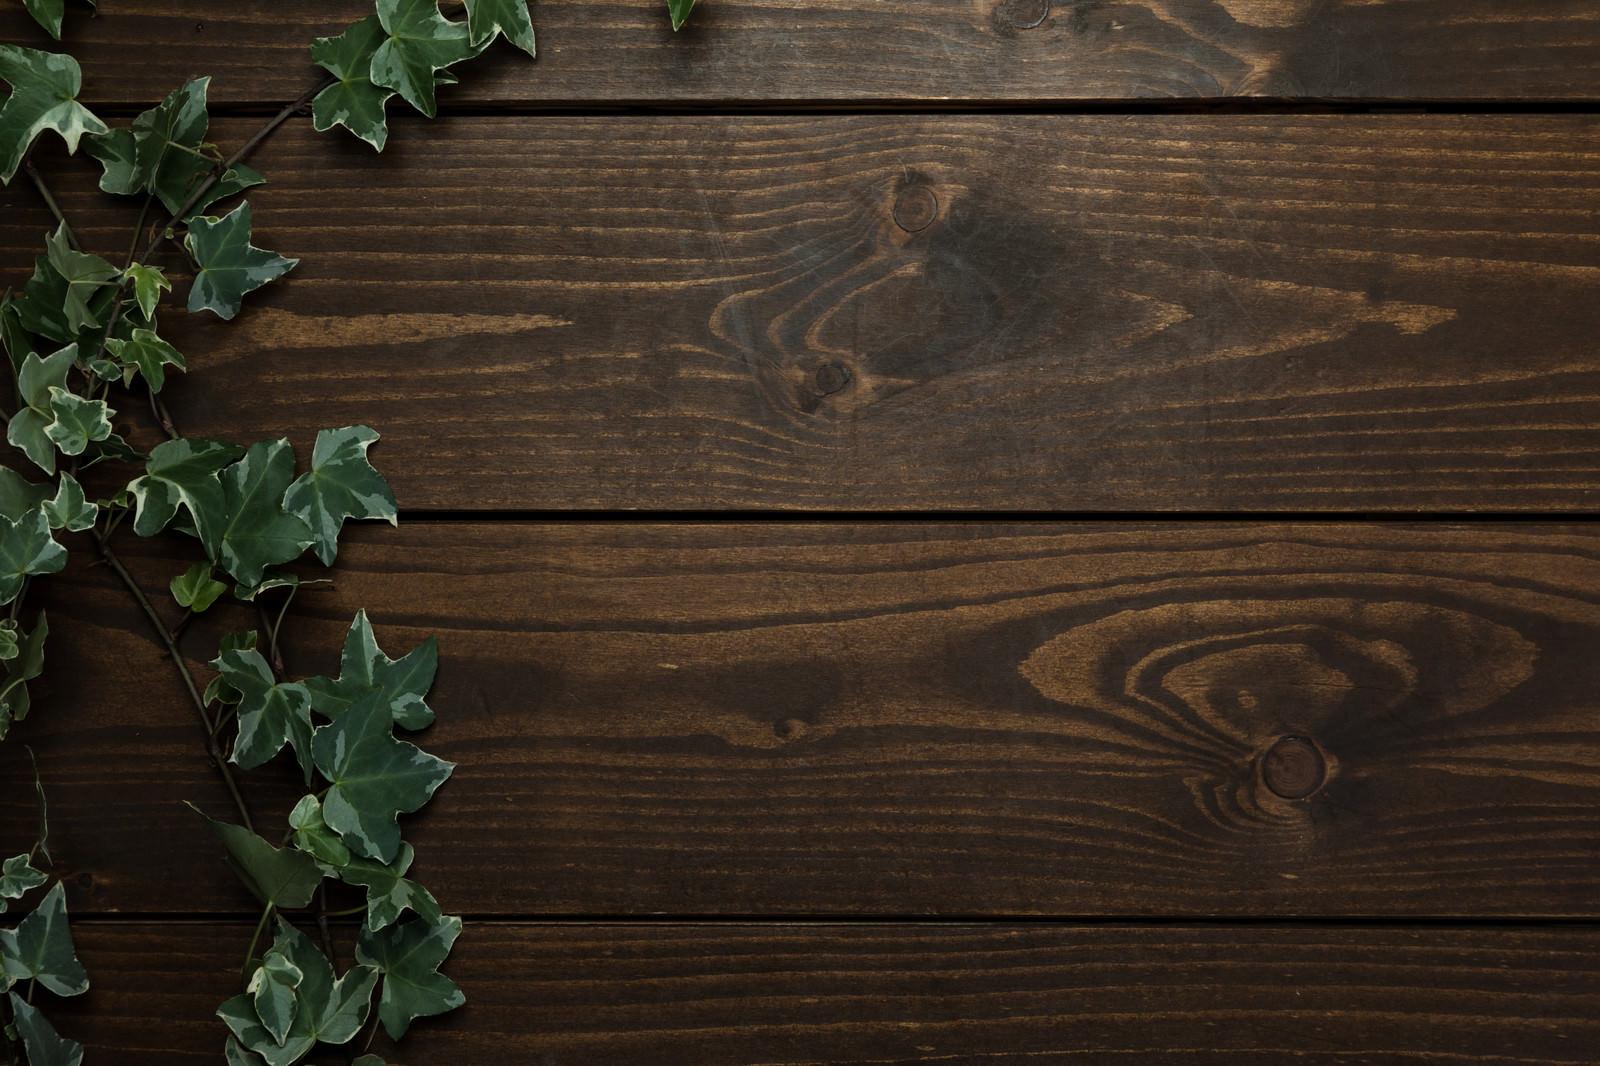 「木目調のテーブルと伸びる蔦」の写真